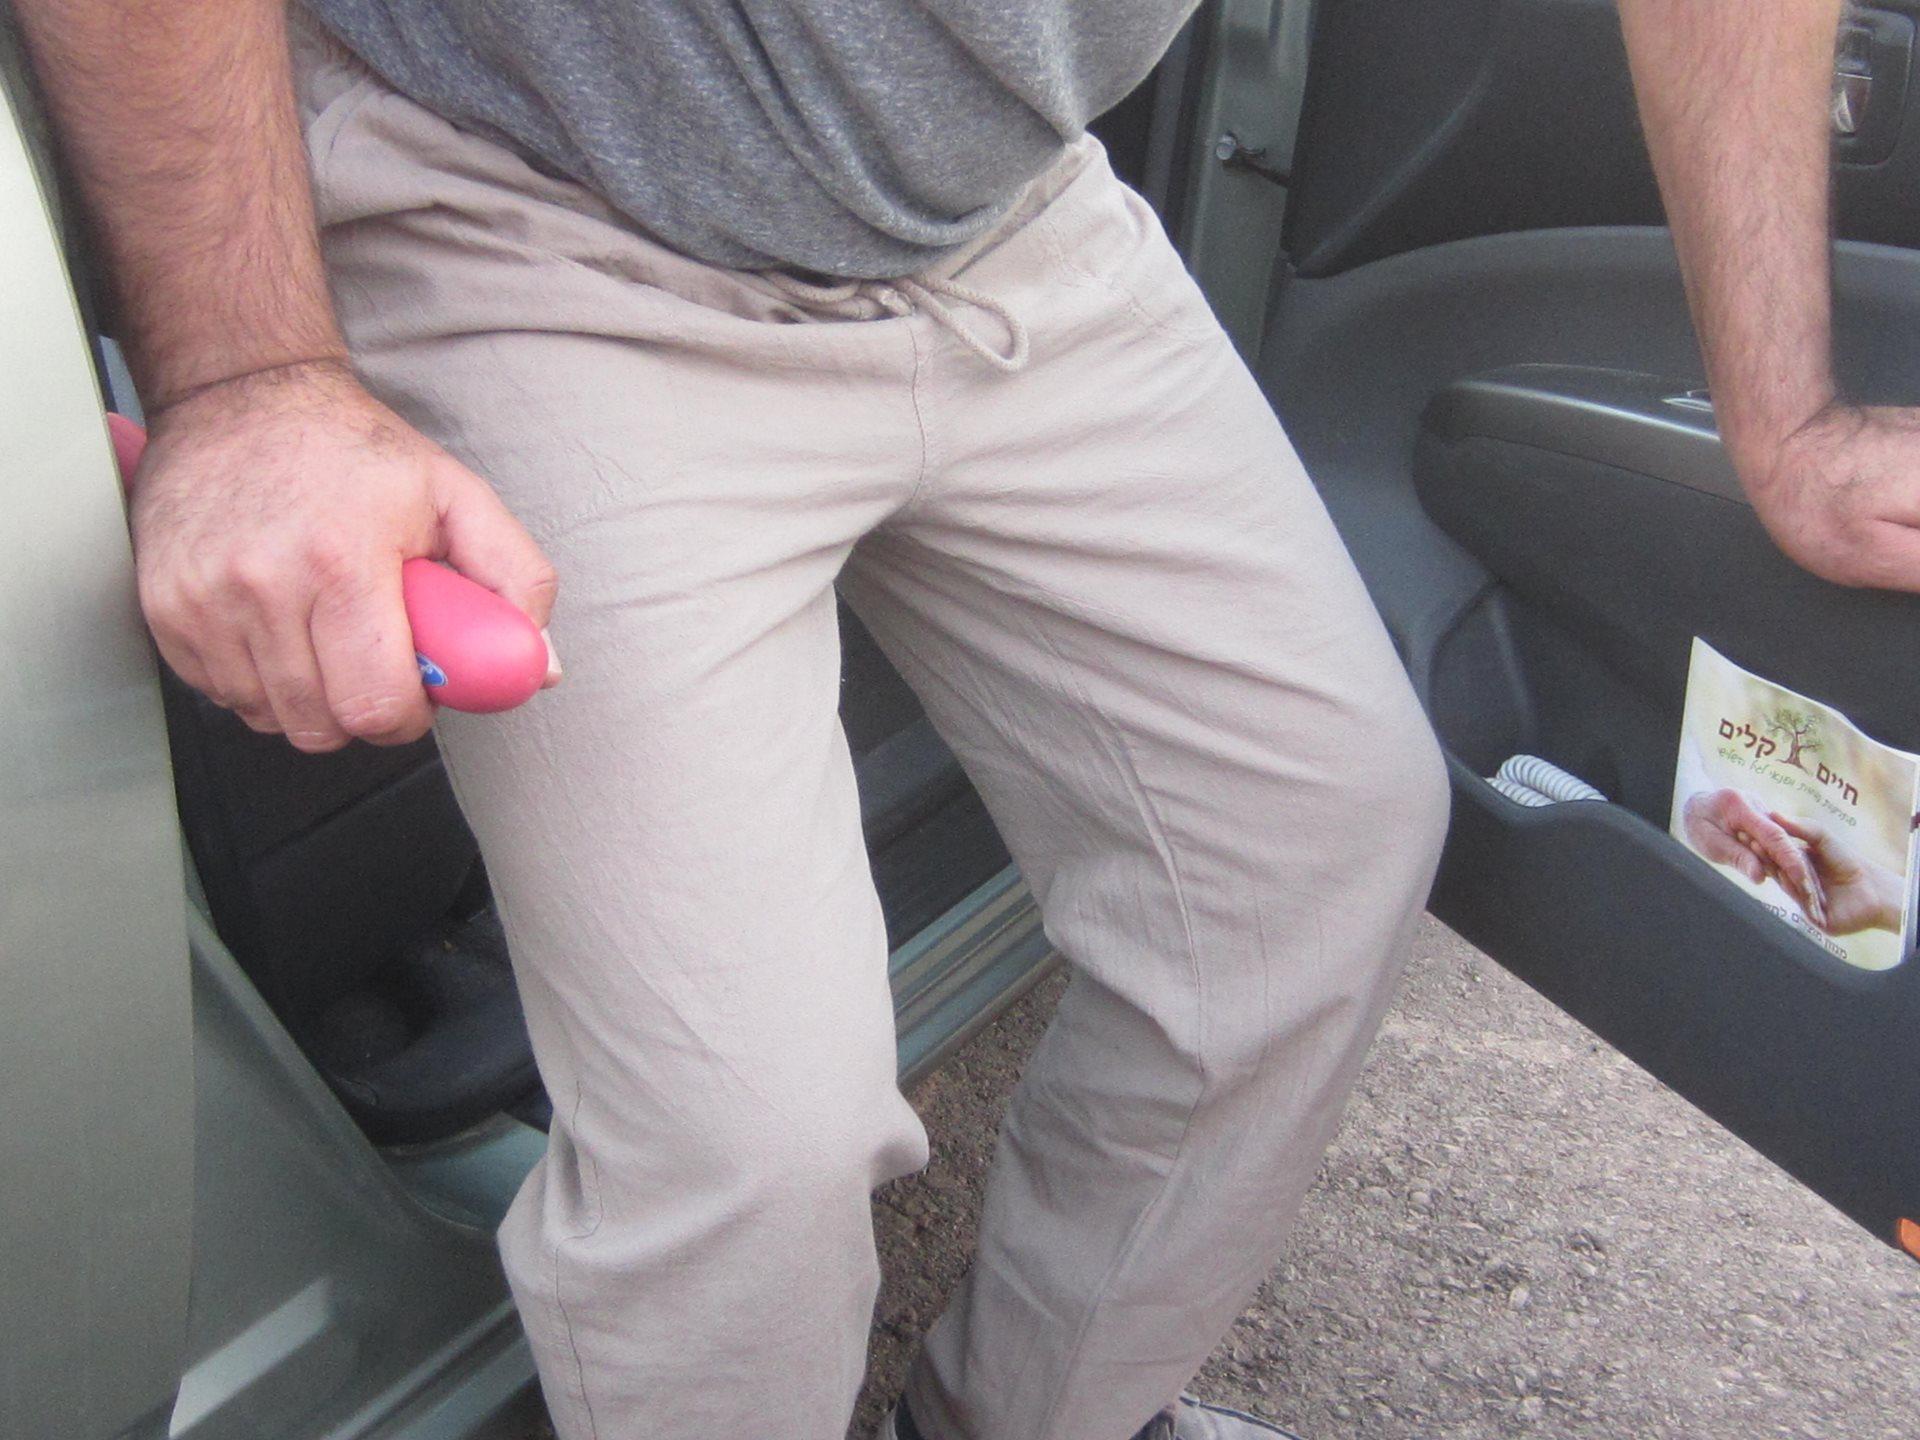 ידית עזר לכניסה ויציאה מהרכב